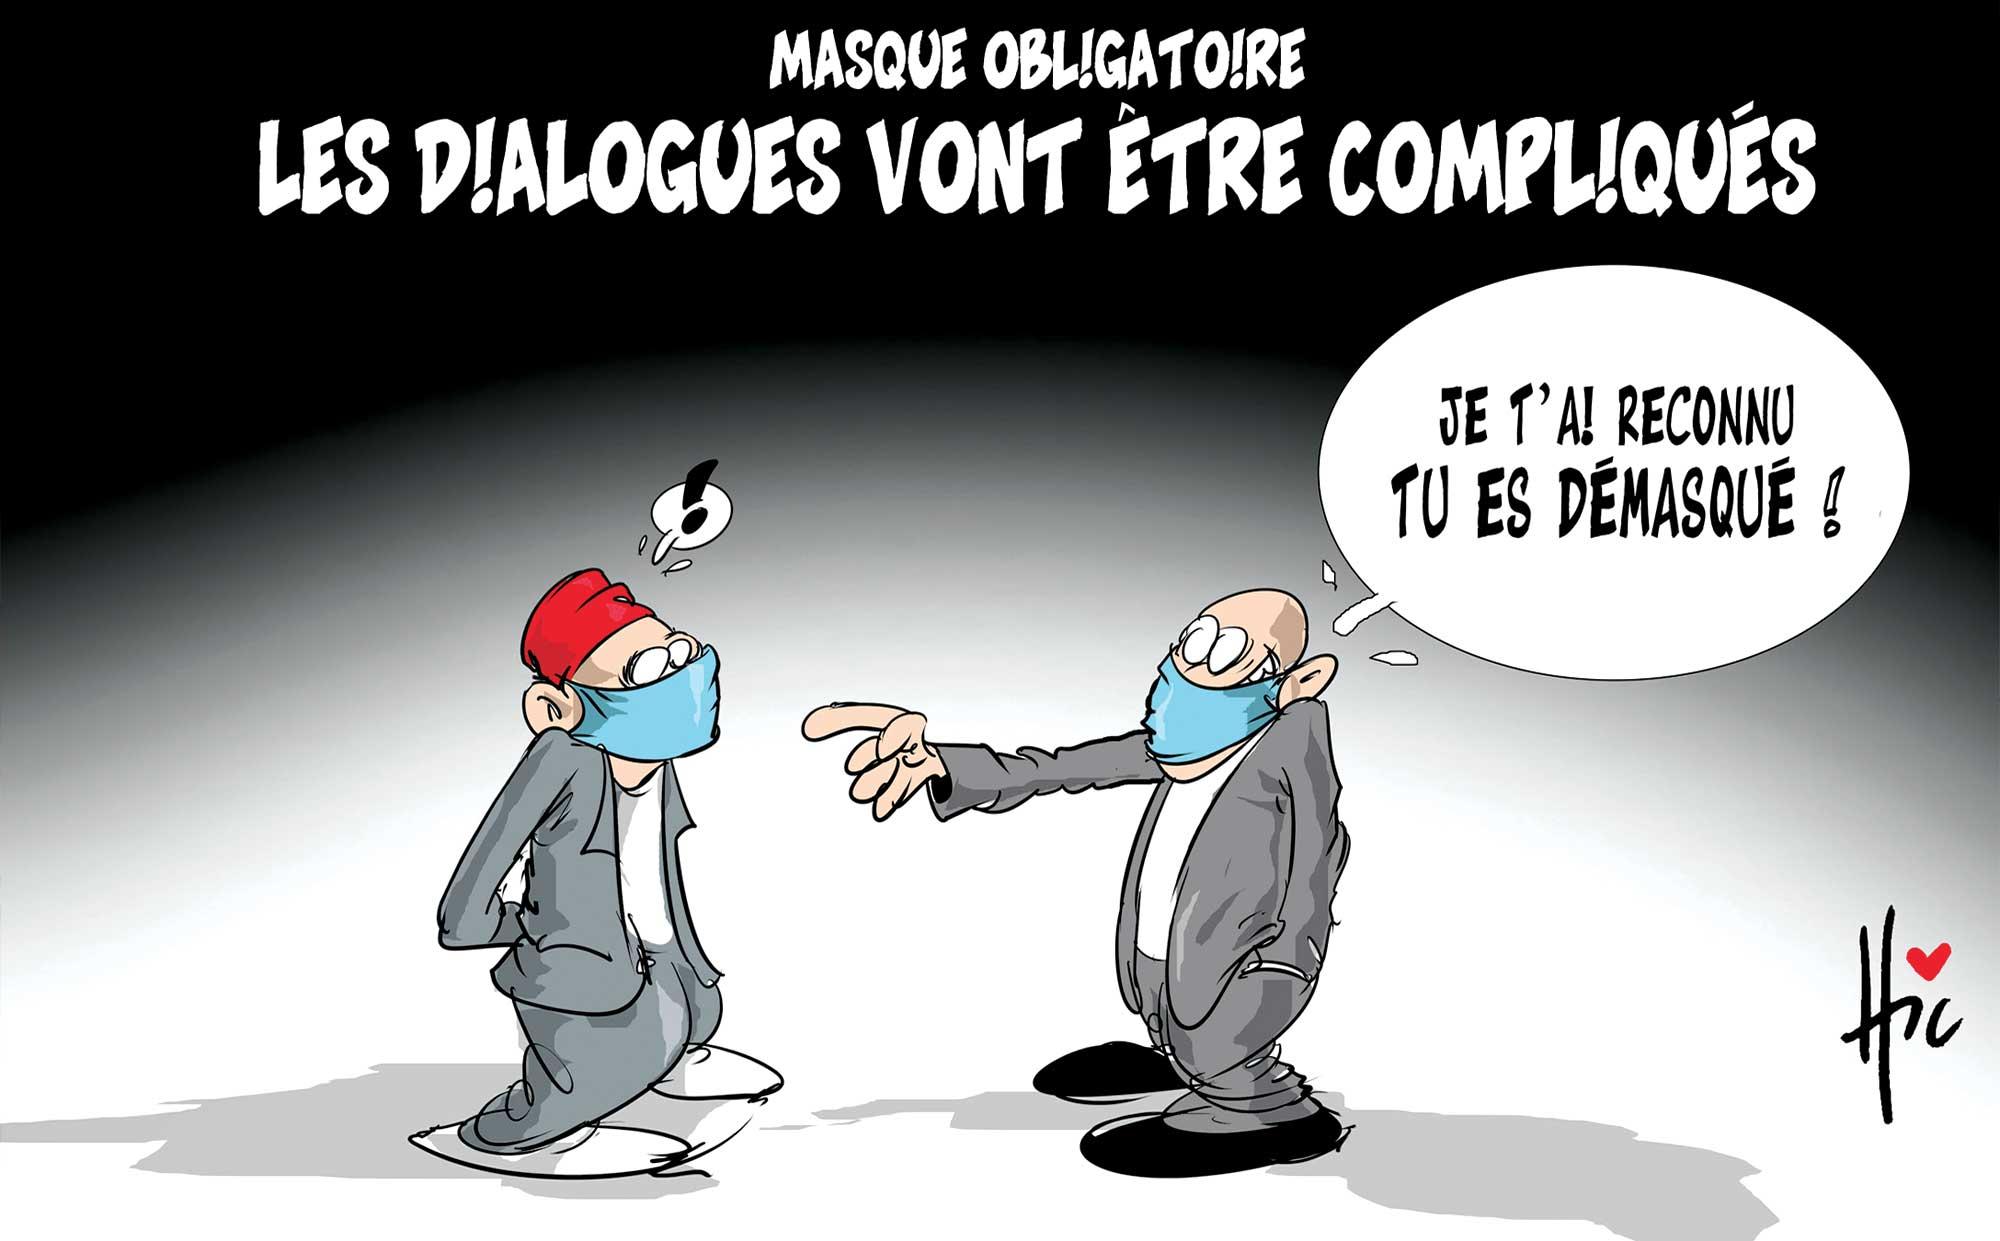 Masque obligatoire : Les dialogues vont être compliquées - Le Hic - El Watan - Gagdz.com